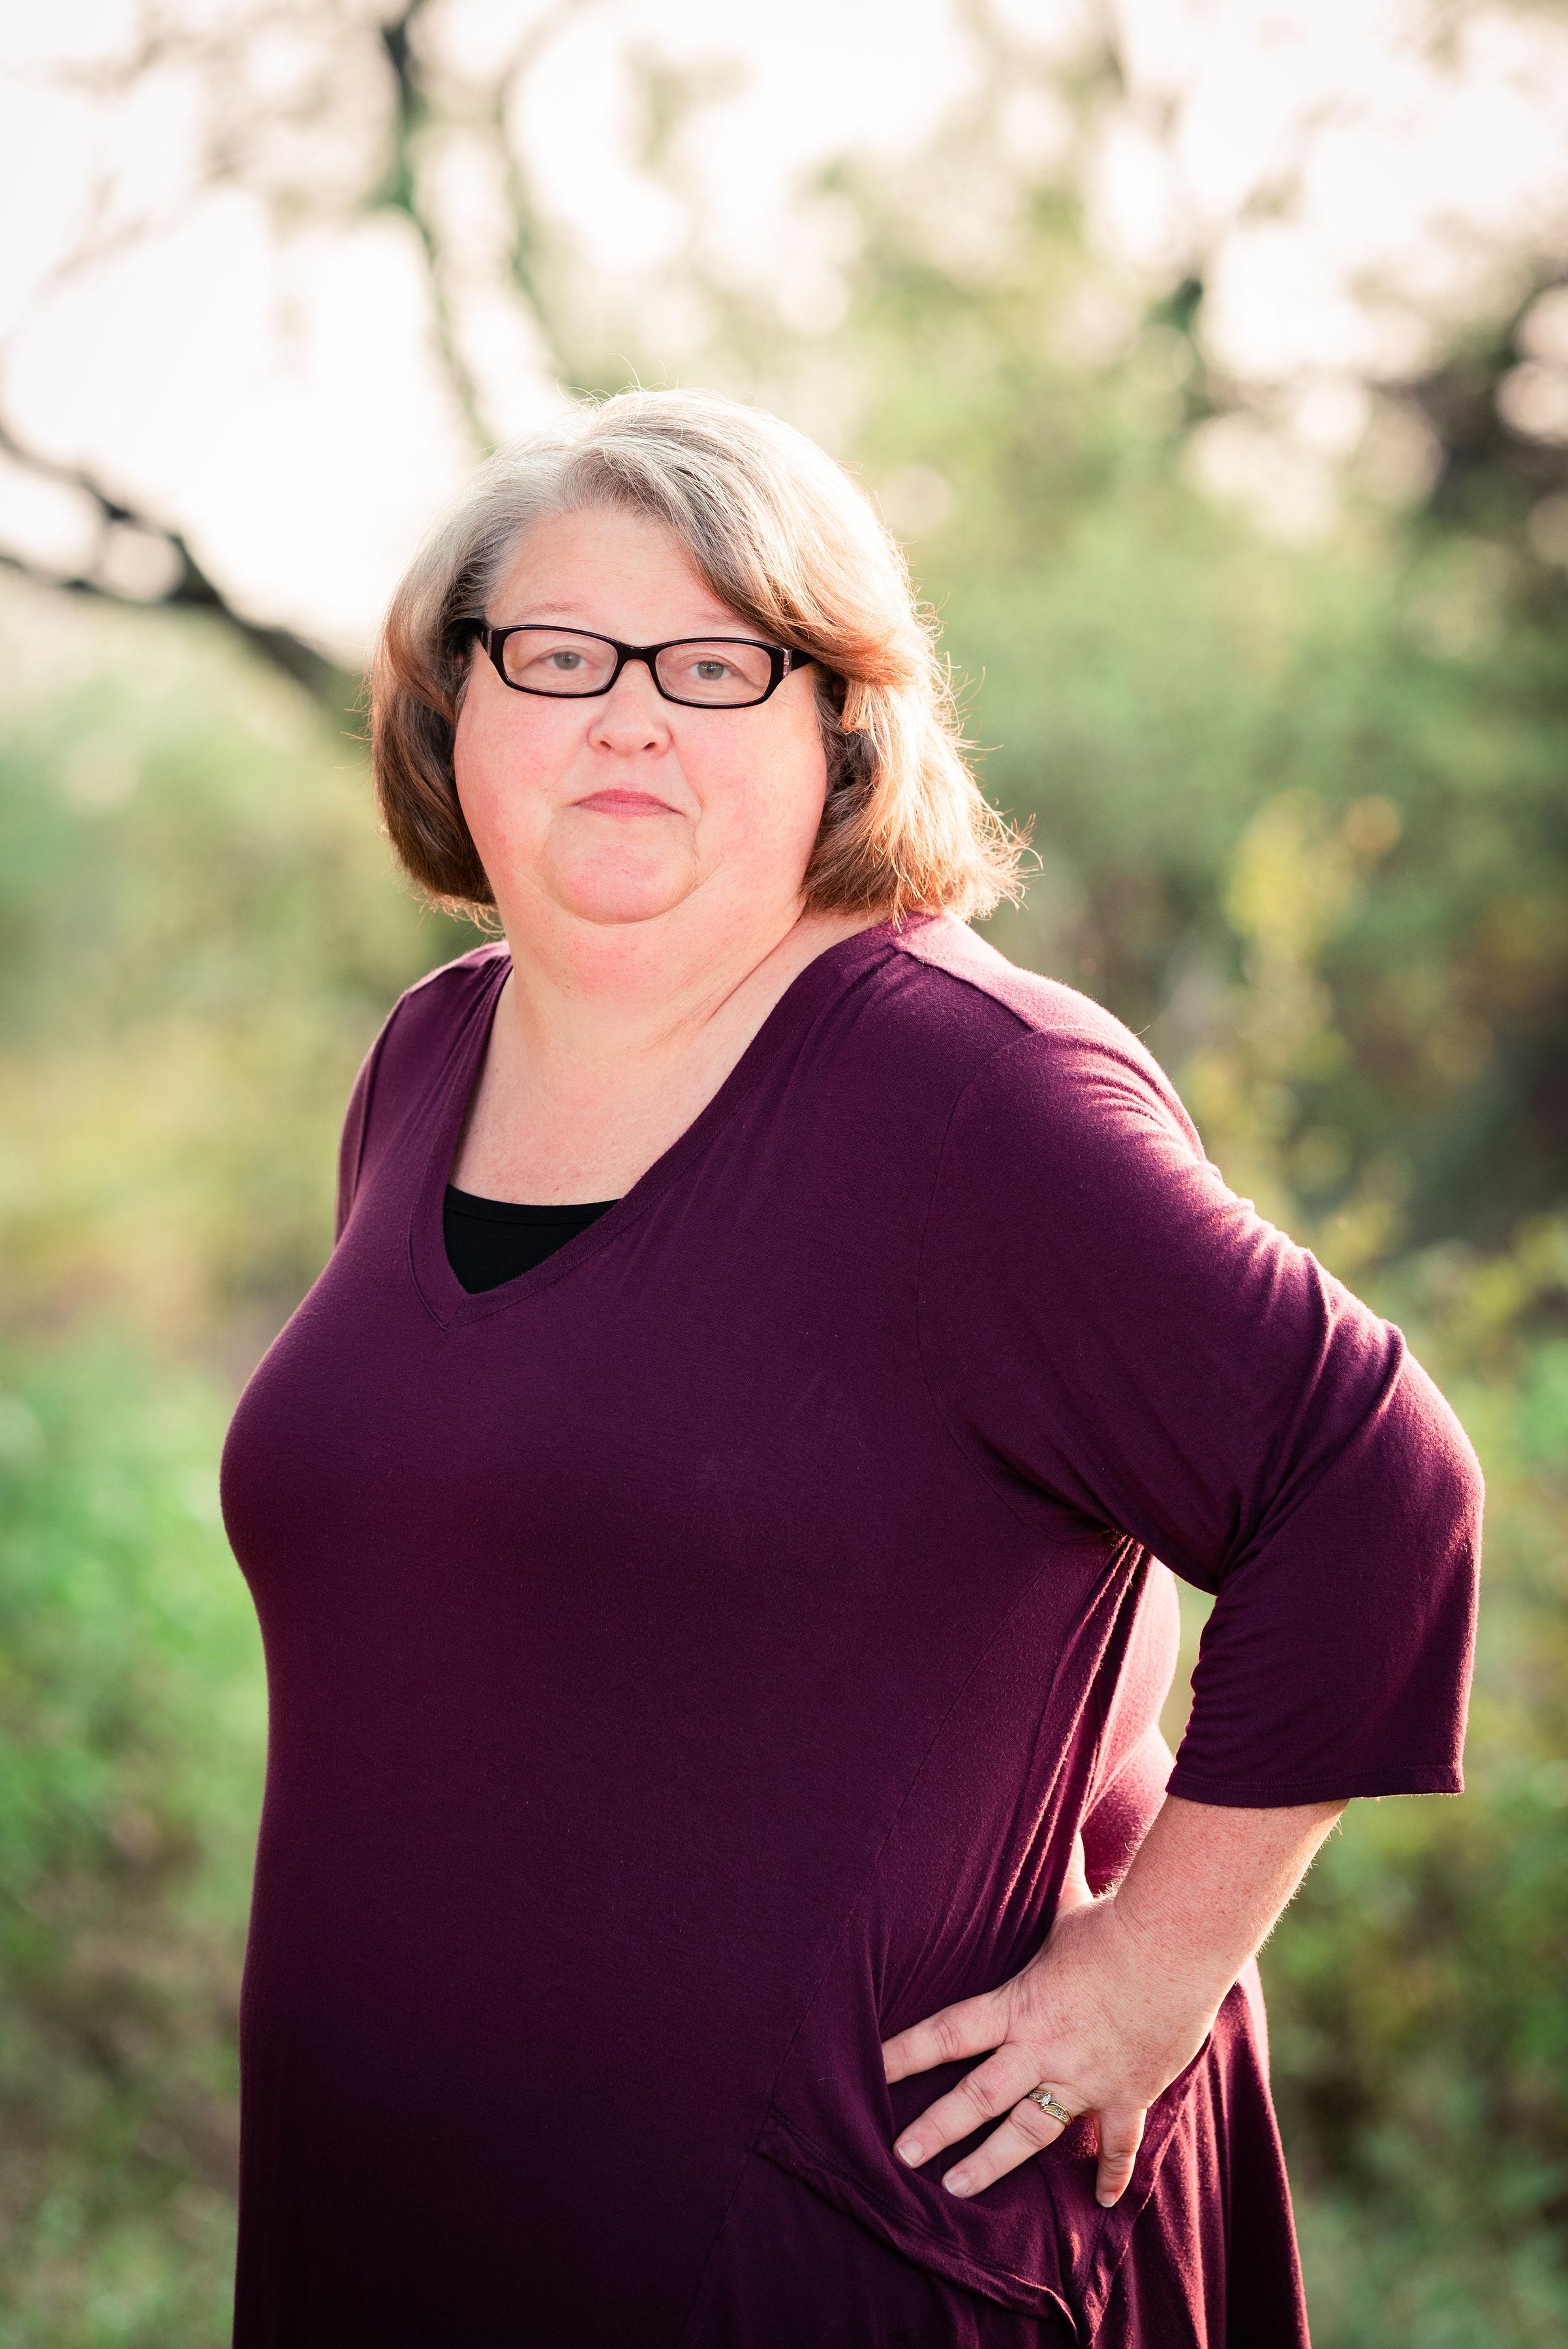 Kelly Murman